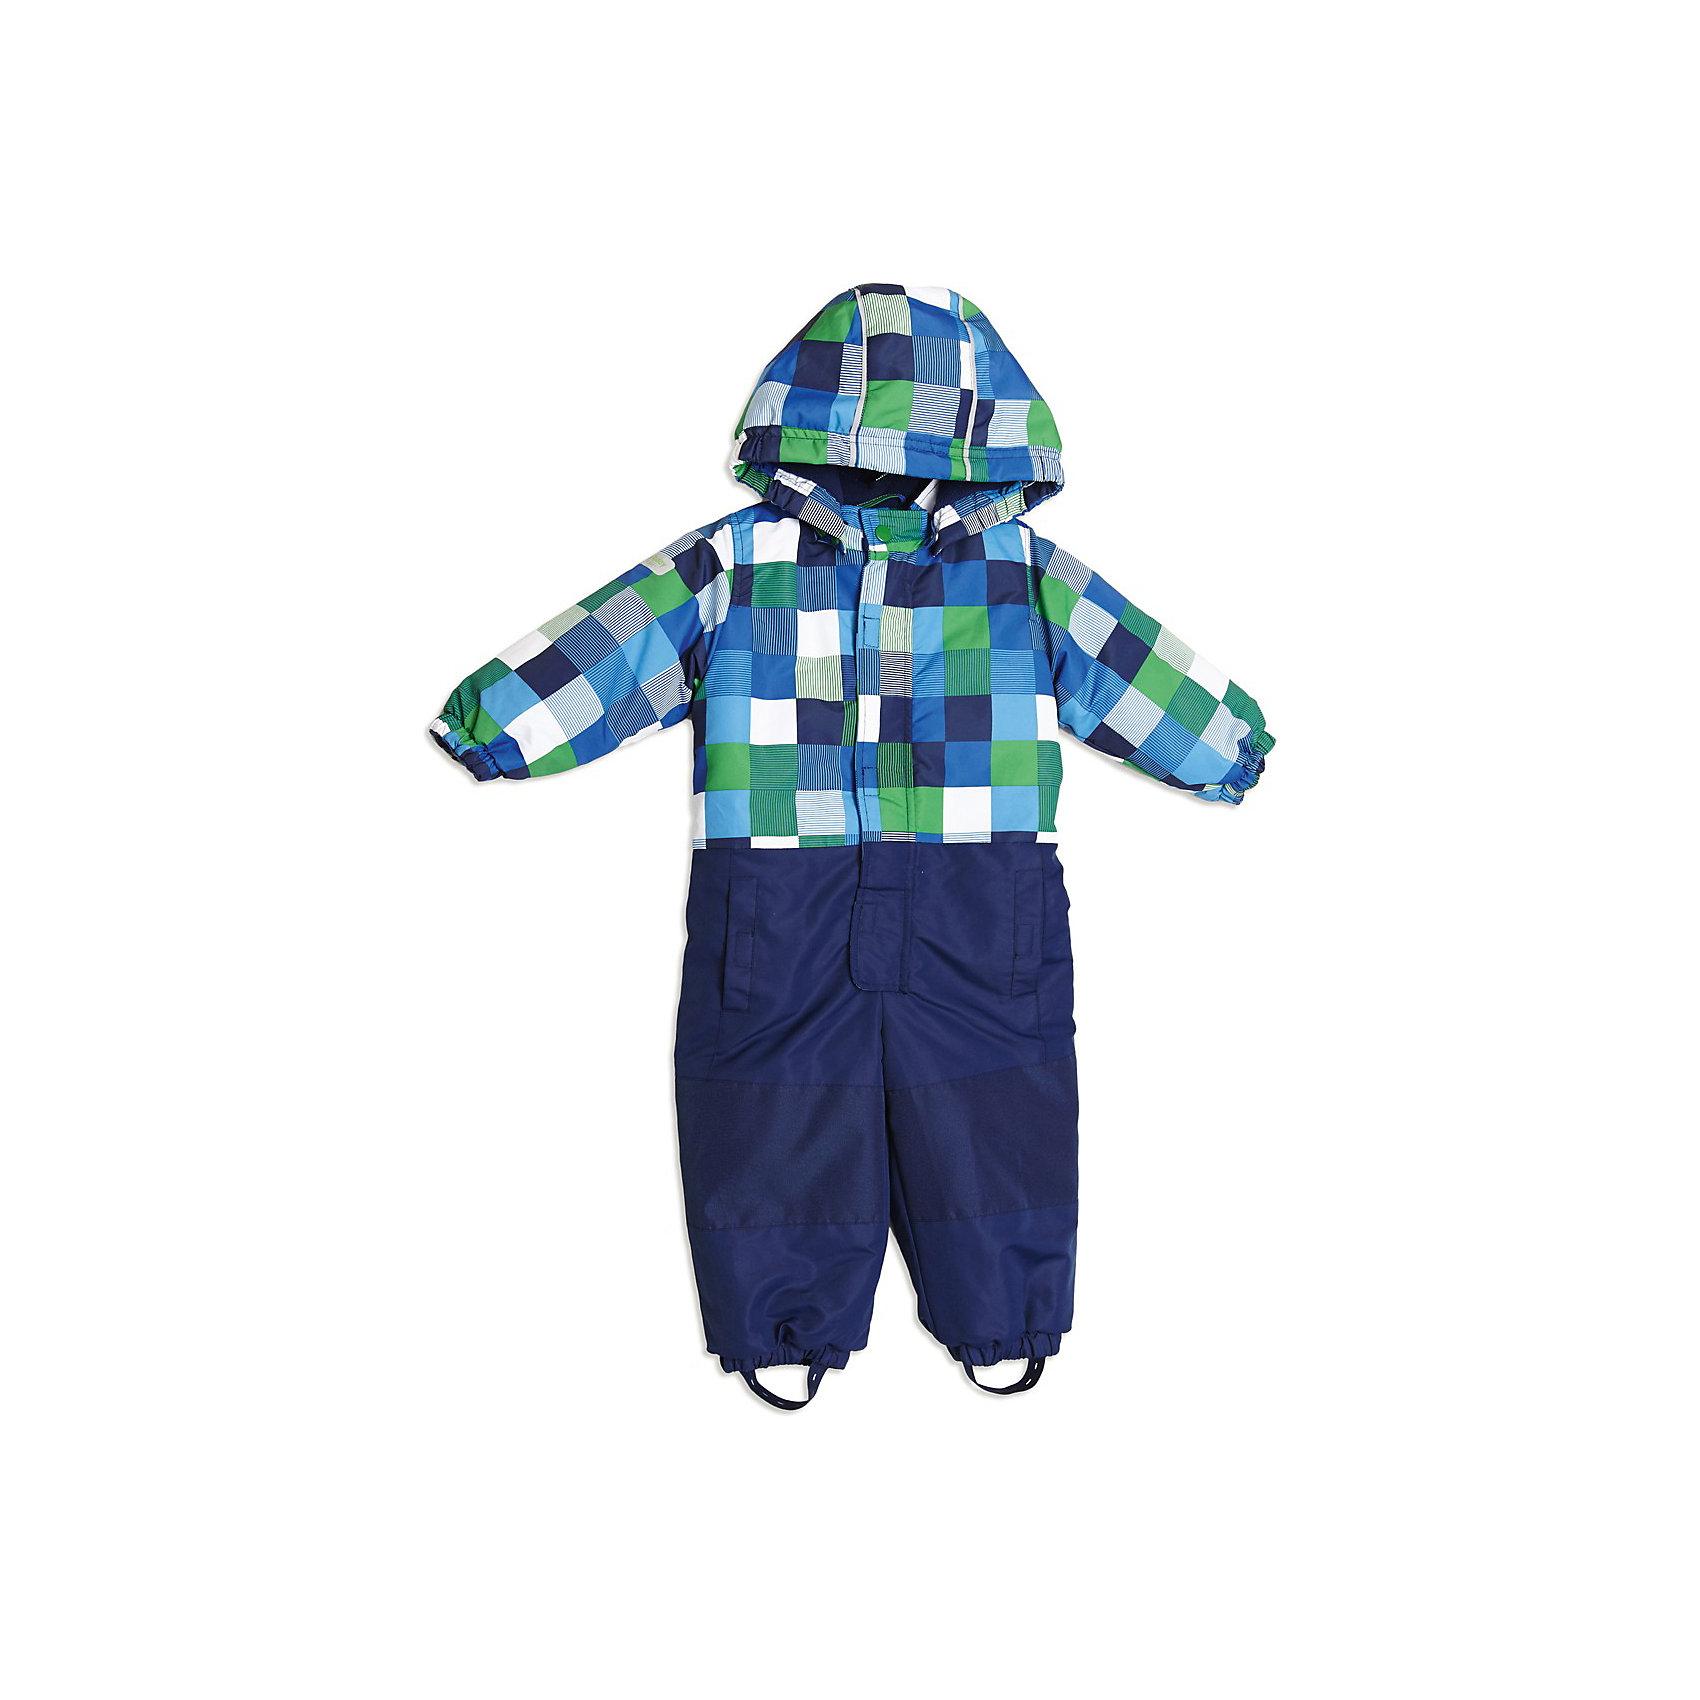 Комбинезон для мальчика PlayTodayКомбинезоны<br>Комбинезон для мальчика от известной марки PlayToday<br>* удобный и практичный комбинезон на каждый день для прогулок малыша<br>* отстегивающийся уютный капюшон на флисовой подкладке<br>* утепленная модель на трикотажной подкладке<br>* яркая ткань с водоотталкивающей пропиткой<br>* манжеты рукавов на резинке<br>* застежка – молния; ветрозащитная планка на липучке<br>* низ брючин на резинке<br>* отстежная резинка на пуговицах, фиксирующая стопу ребенка<br><br>Дополнительная информация:<br><br>Сезон: зима<br>Утеплитель: 200 г<br>Состав:<br>верх: 100% полиэстер, подкладка: 100% хлопок, наполнитель: 100% полиэстер<br><br>Комбинезон для мальчика PlayToday (Плейтудей) можно купить в нашем магазине.<br><br>Ширина мм: 215<br>Глубина мм: 88<br>Высота мм: 191<br>Вес г: 336<br>Цвет: синий<br>Возраст от месяцев: 6<br>Возраст до месяцев: 9<br>Пол: Мужской<br>Возраст: Детский<br>Размер: 74,80,86,92<br>SKU: 3745573